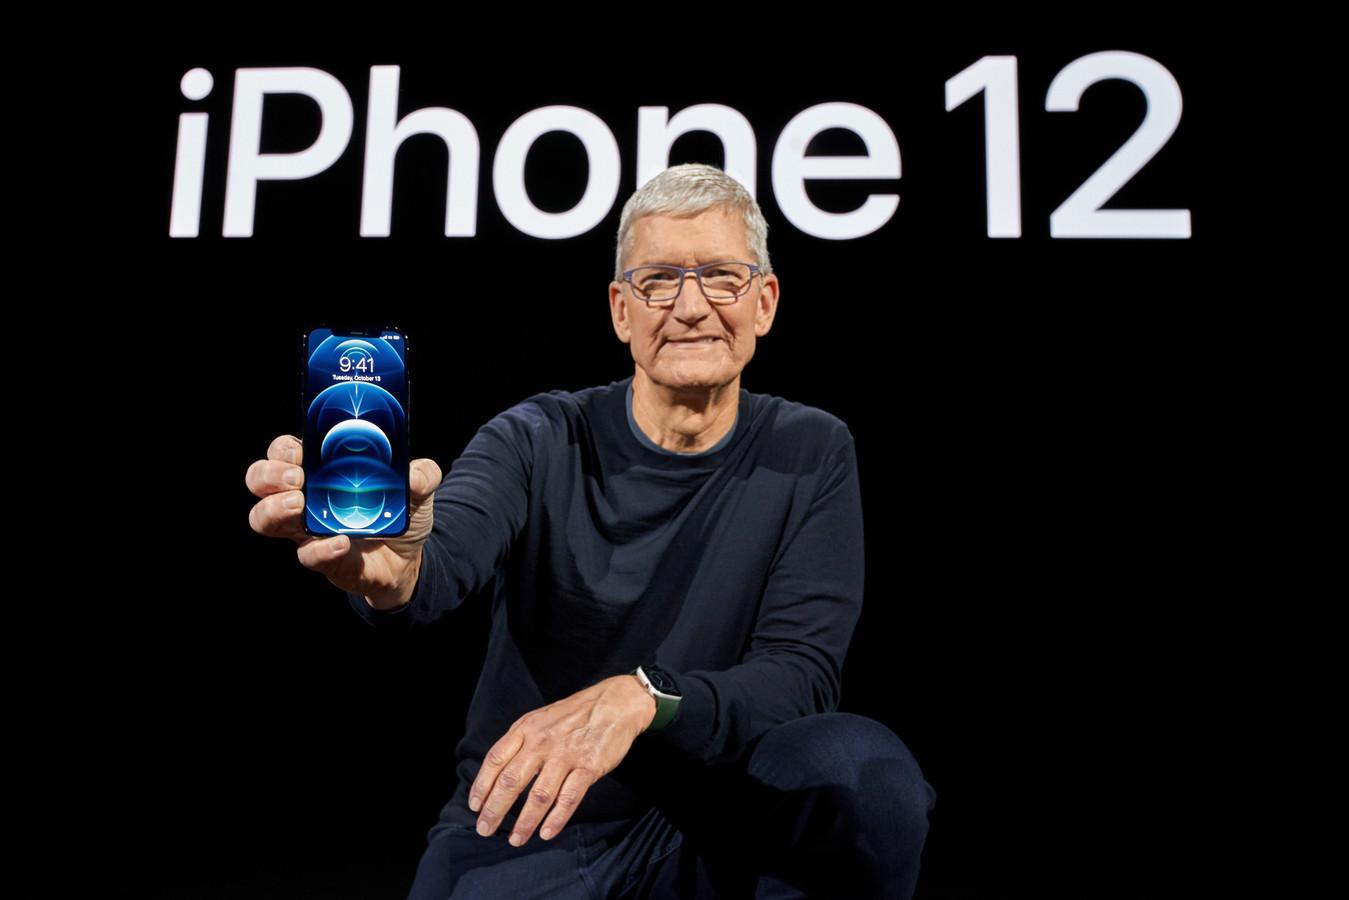 Apple-ceo Tim Cook toont de nieuwe iPhone 12 Pro bij de voorstelling in oktober.